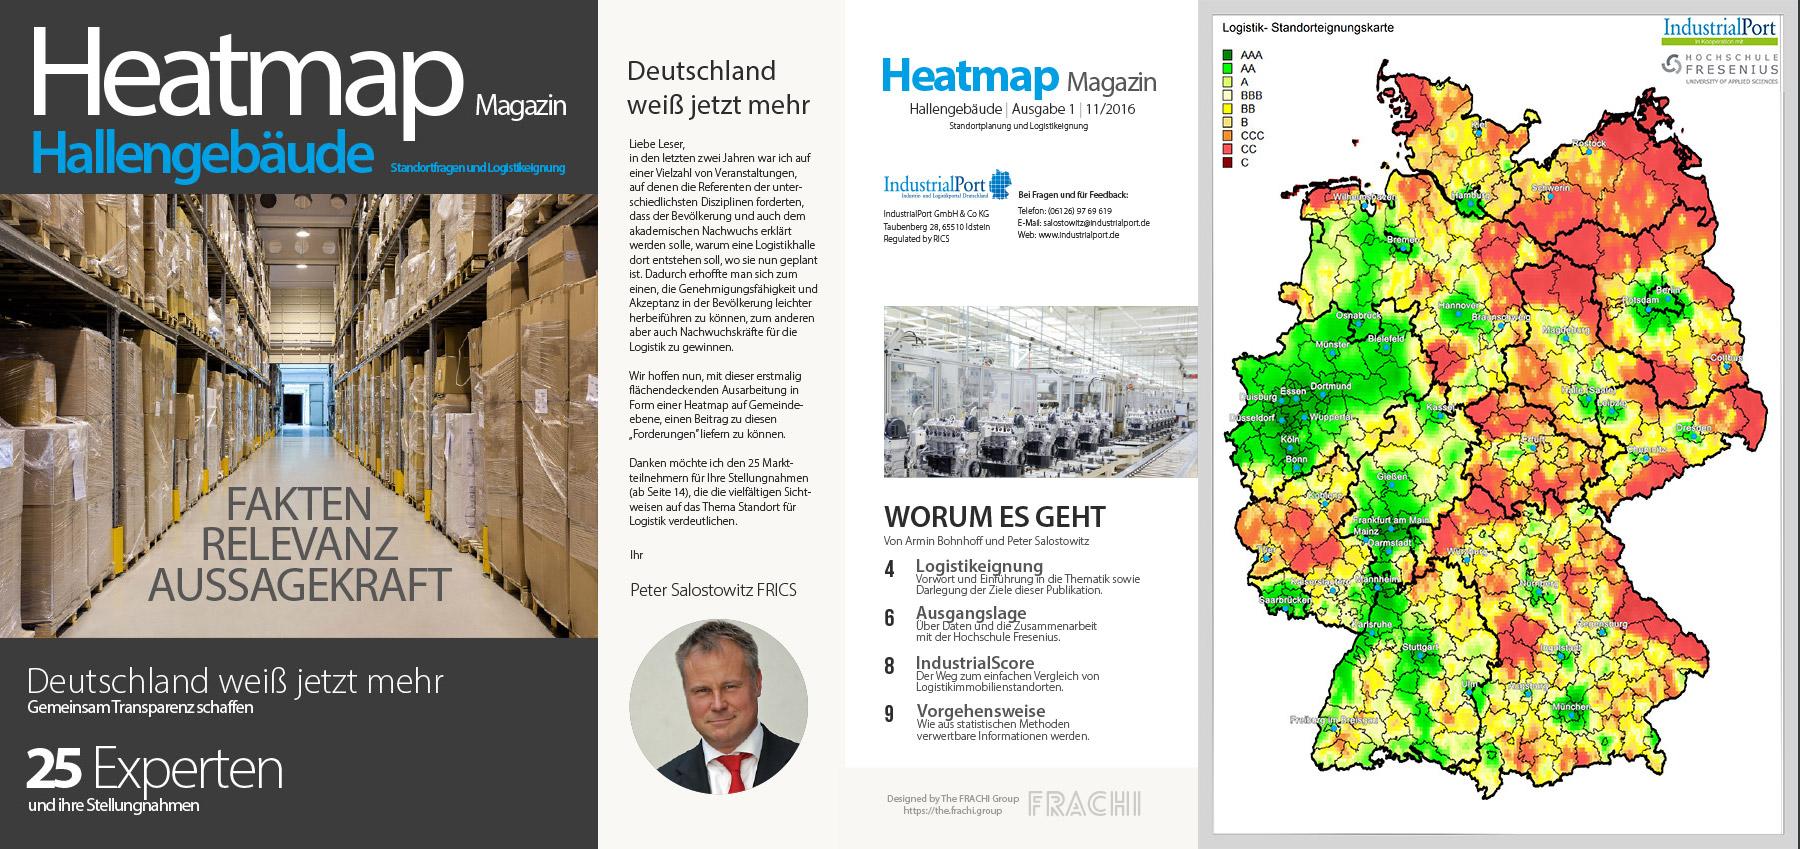 Logistikimmobilien Magazin Heatmap Magazin von IndustrialPort